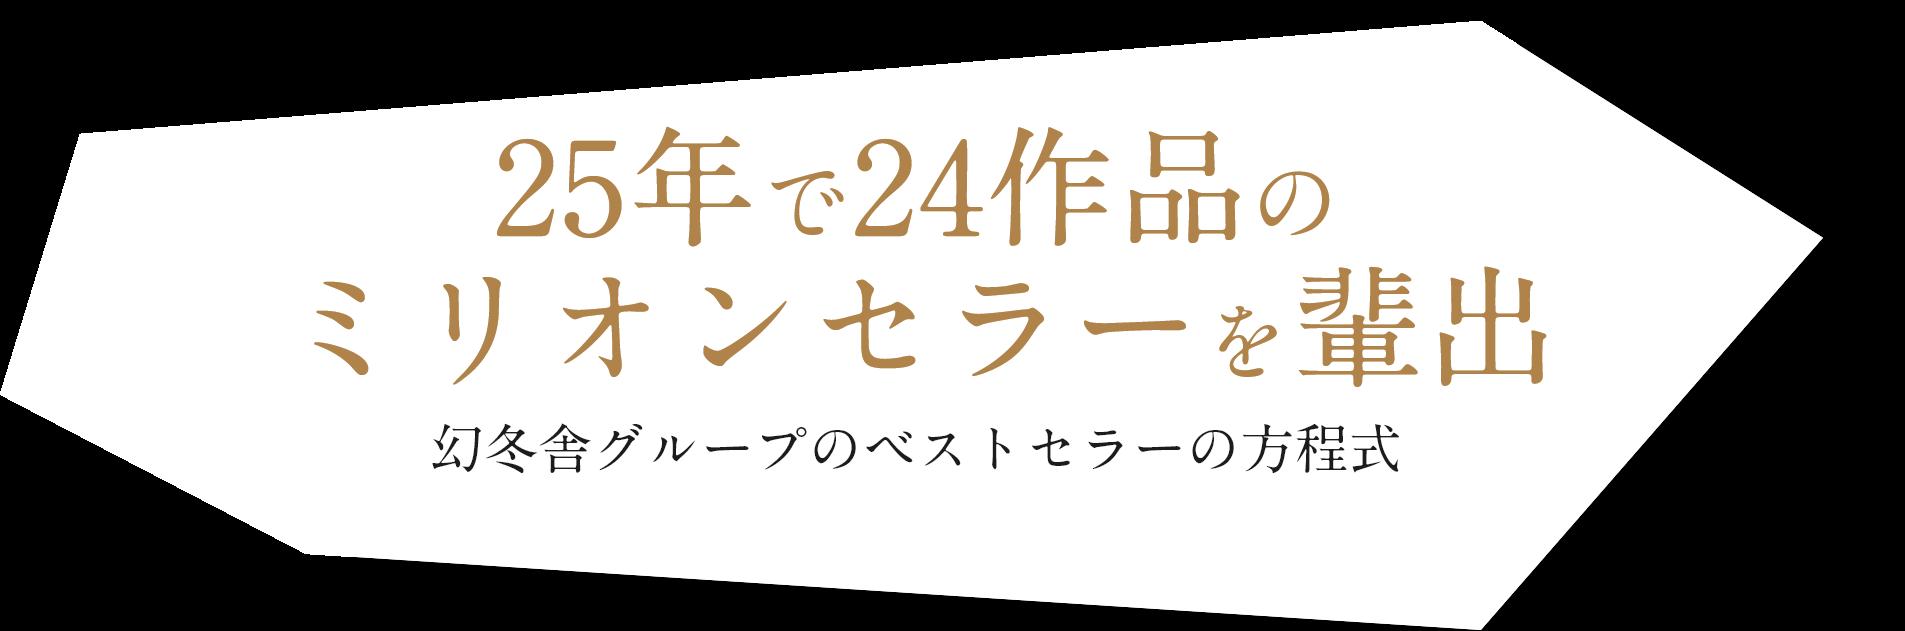 25年で24作品のミリオンセラーを輩出 幻冬舎グループのベストセラーの方程式